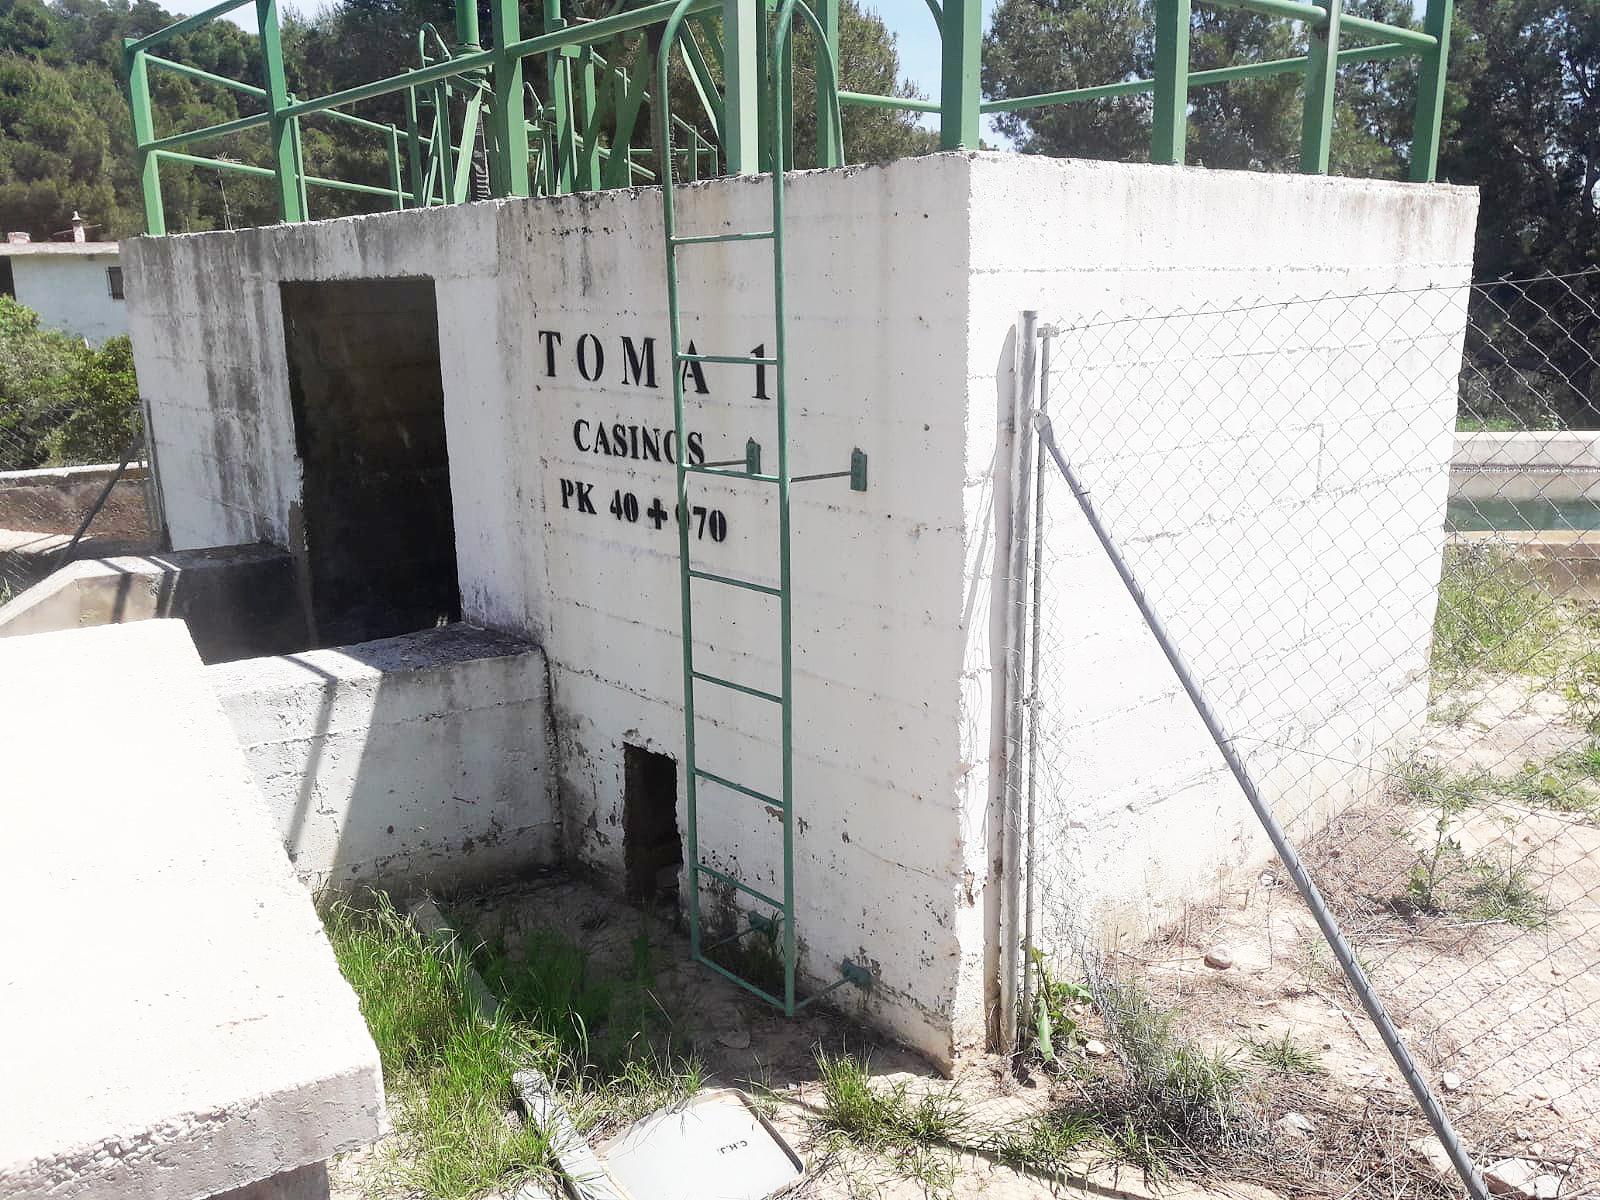 Parte de las instalaciones de la zona. Imagen: Apamcv